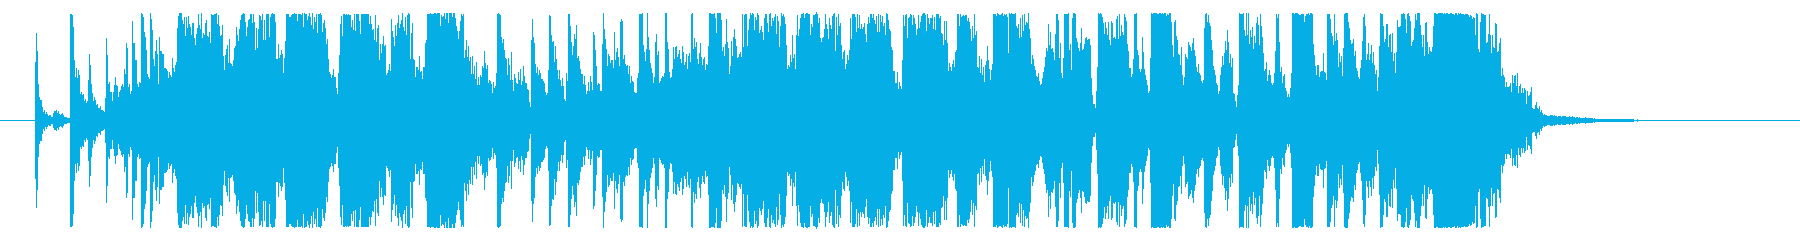 【生演奏】疾走感のあるファンクロック の再生済みの波形